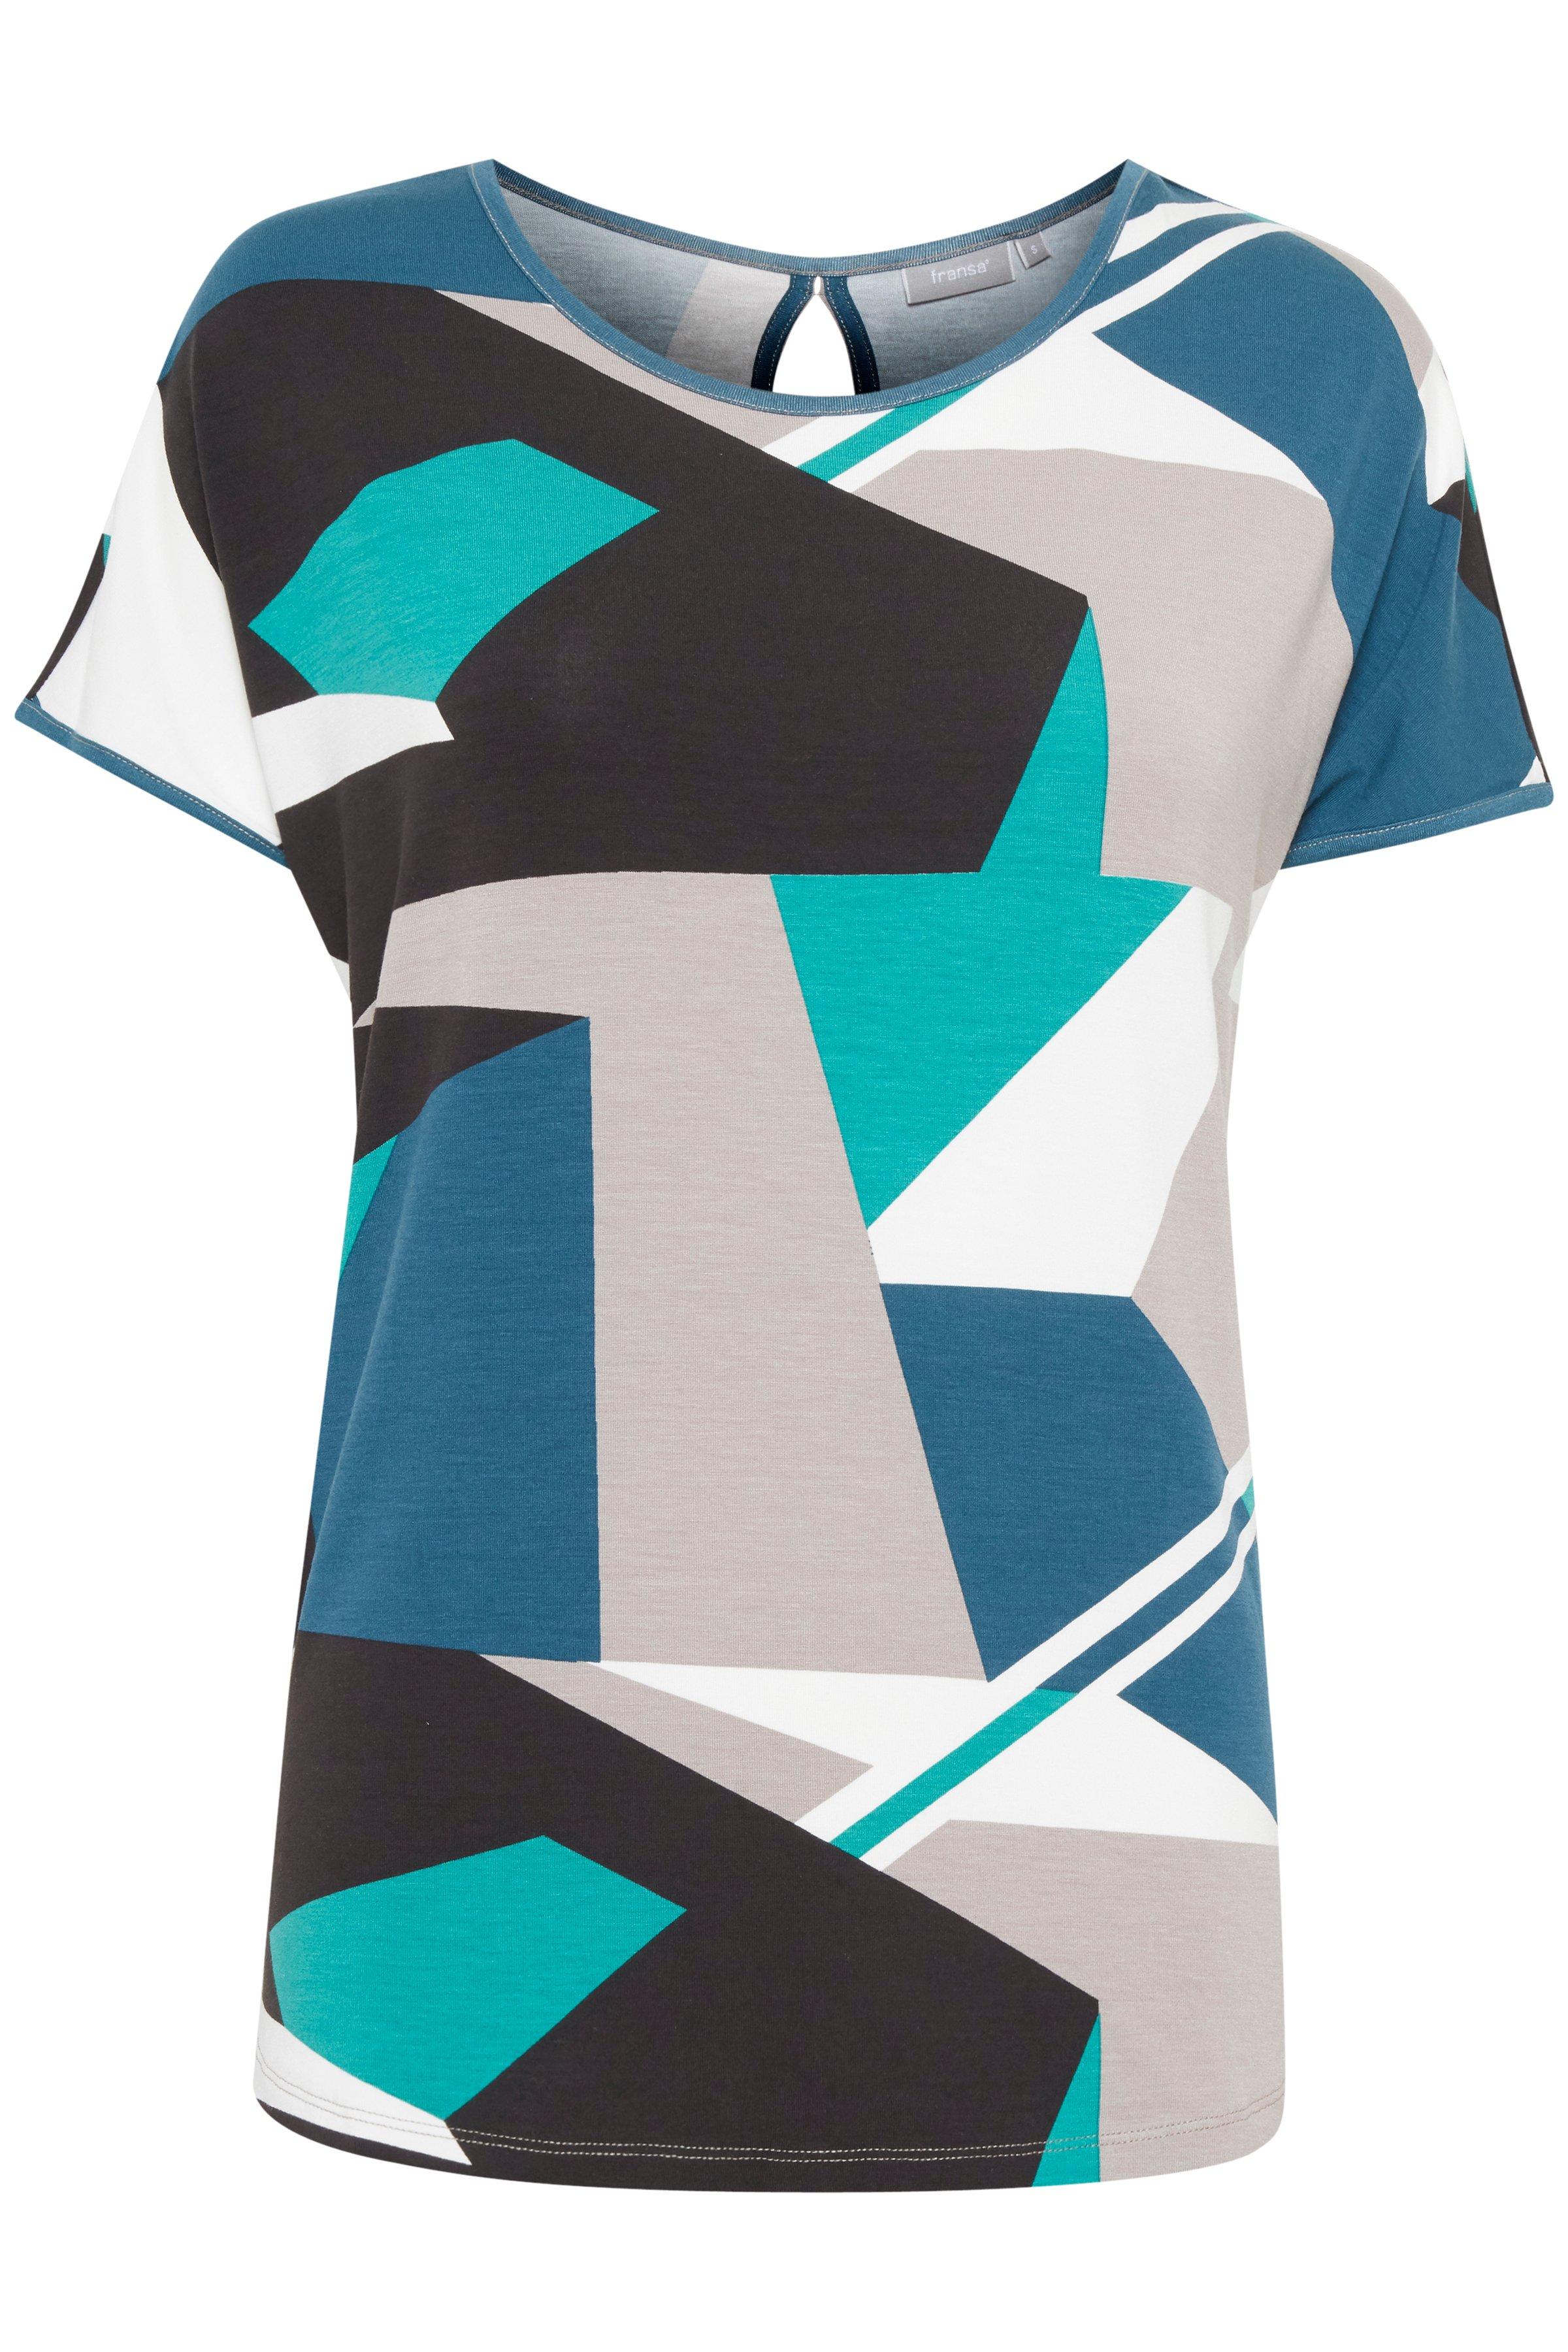 Buteljgrön/grå Kortärmad T-shirt från Fransa – Köp Buteljgrön/grå Kortärmad T-shirt från stl. XS-XXL här